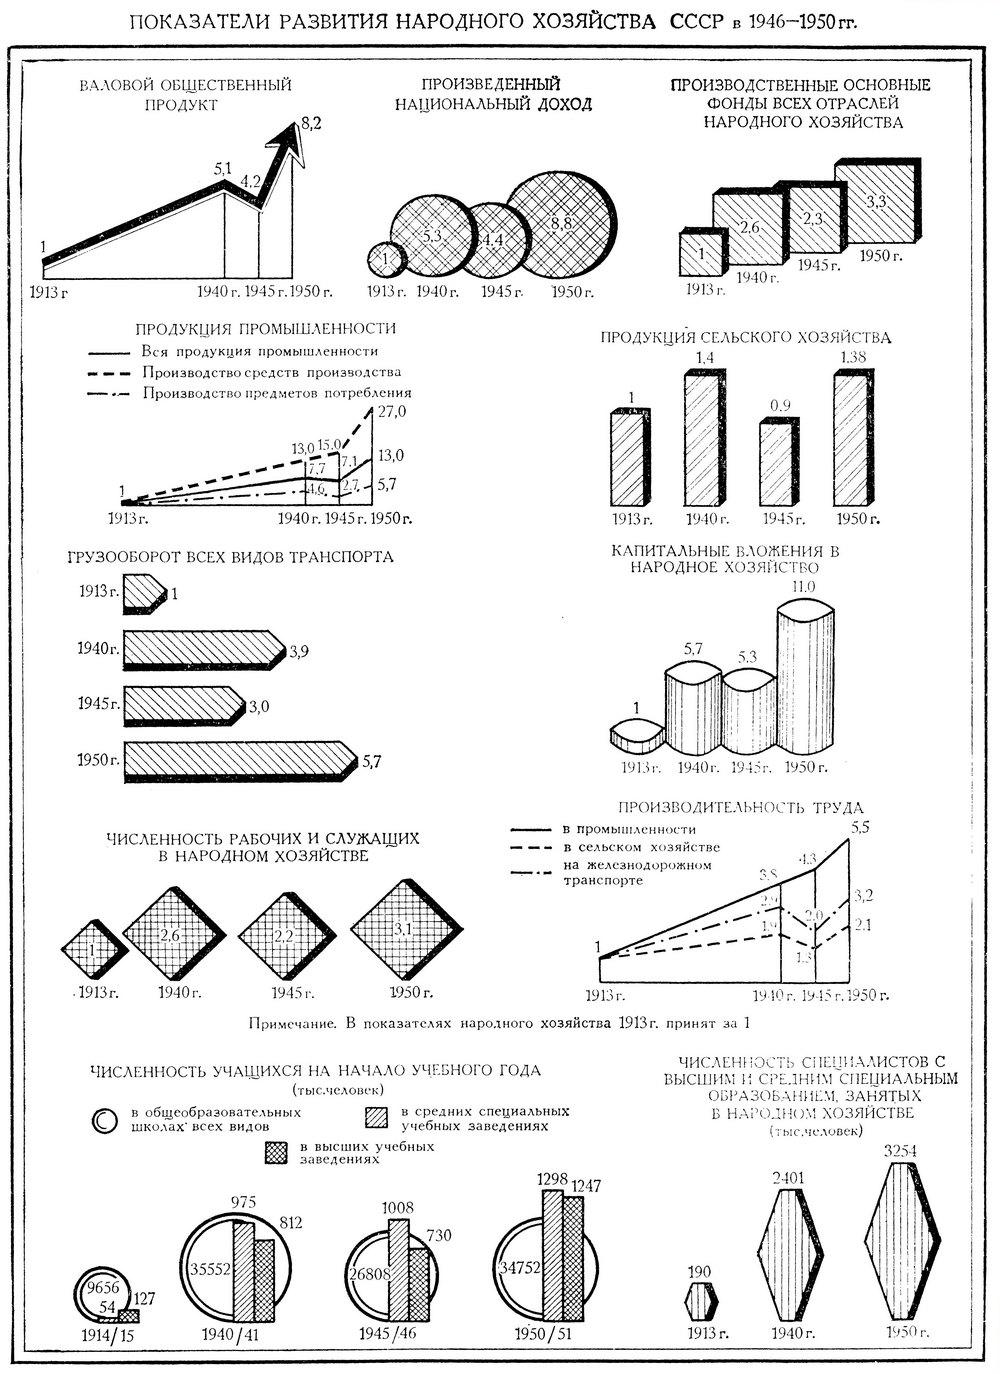 Показатели Социально-Экономического Развития СССР 1946-1950 гг